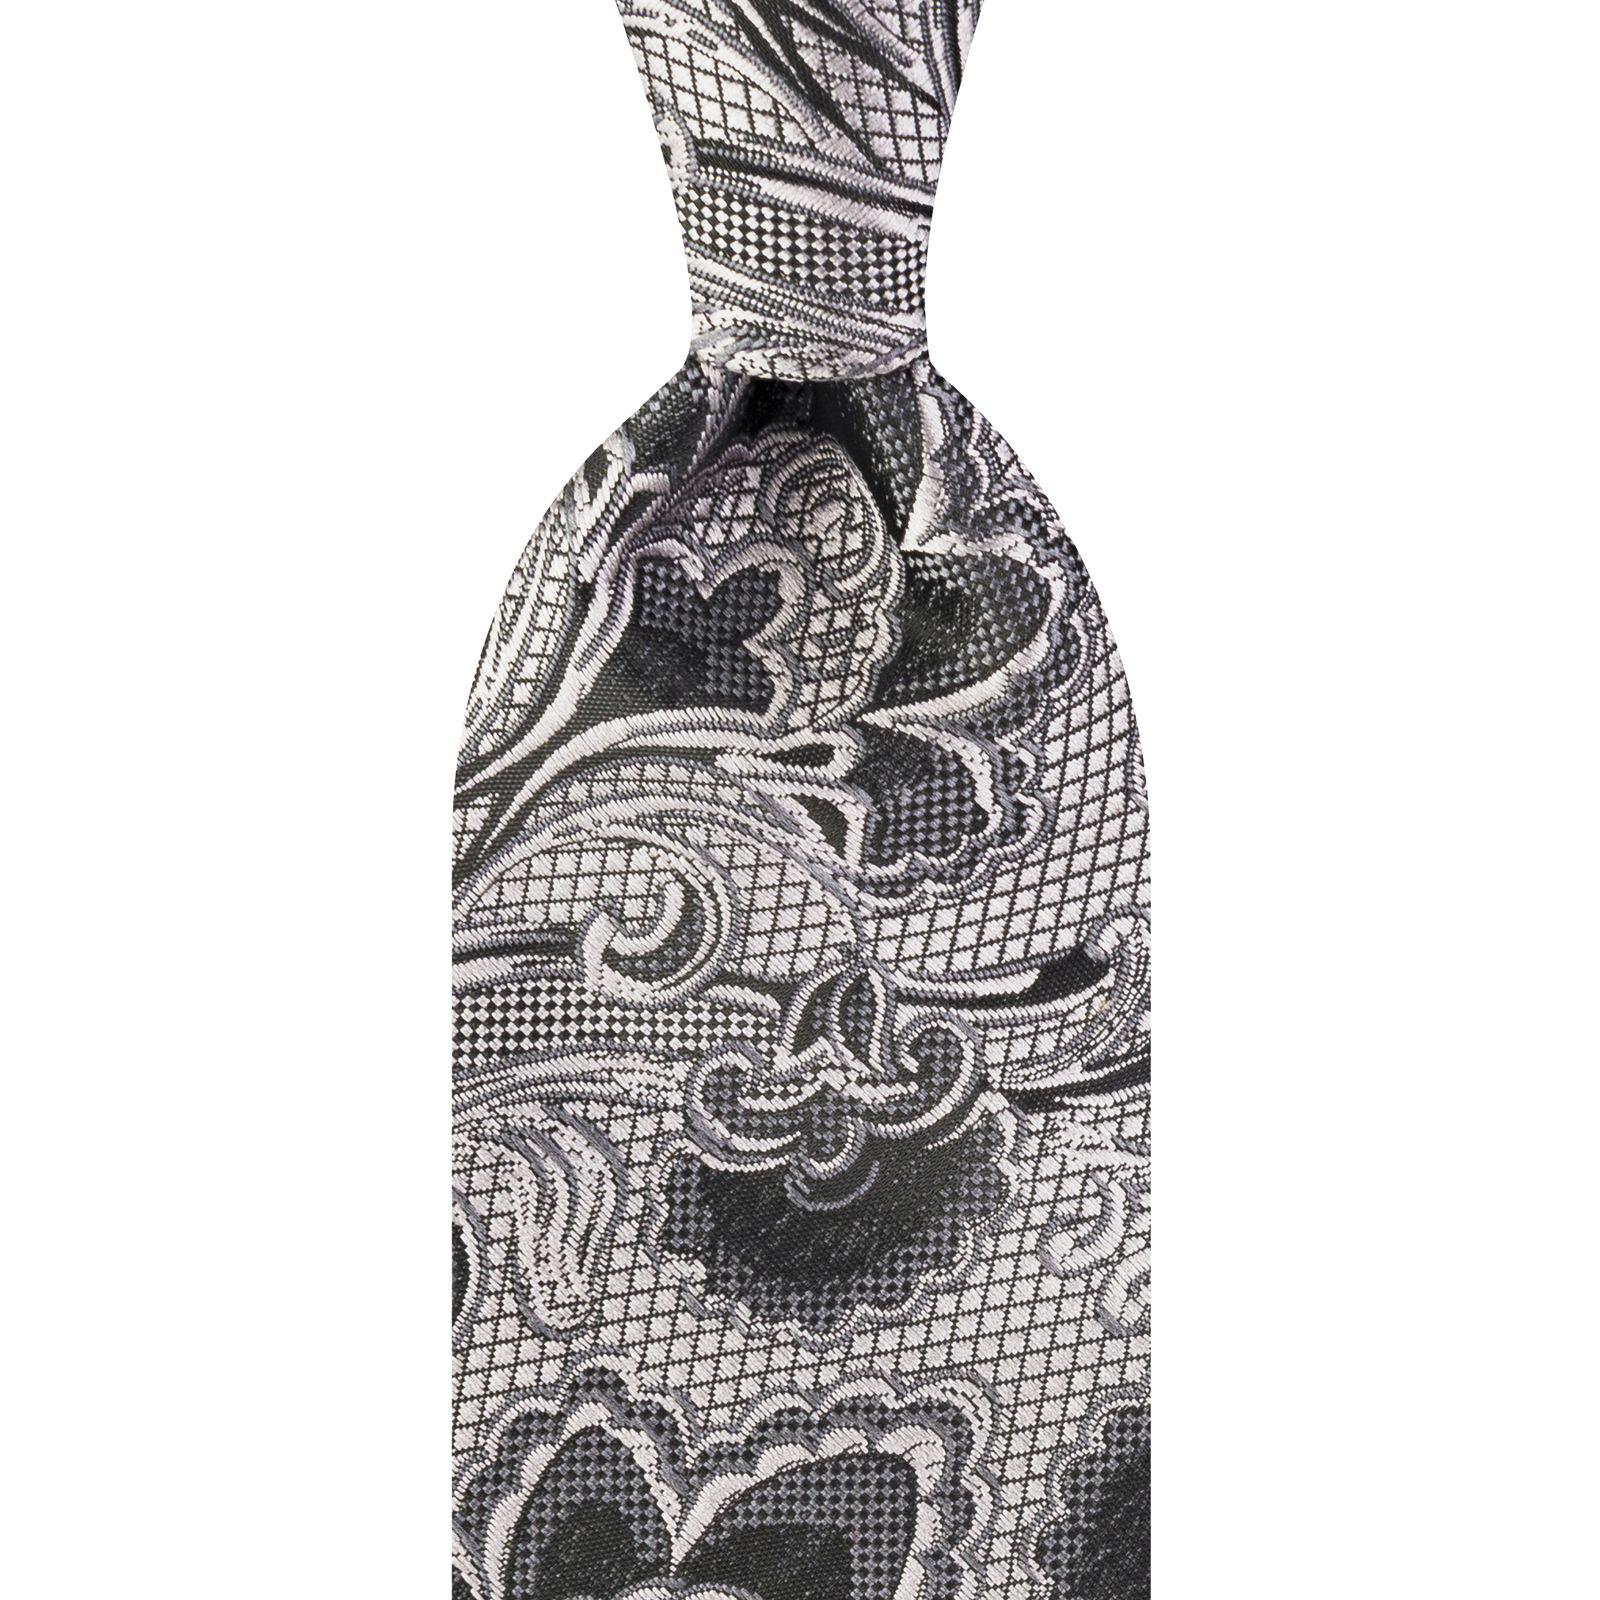 ست کراوات و دستمال جیب و گل کت مردانه جیان فرانکو روسی مدل GF-F926-GR -  - 3